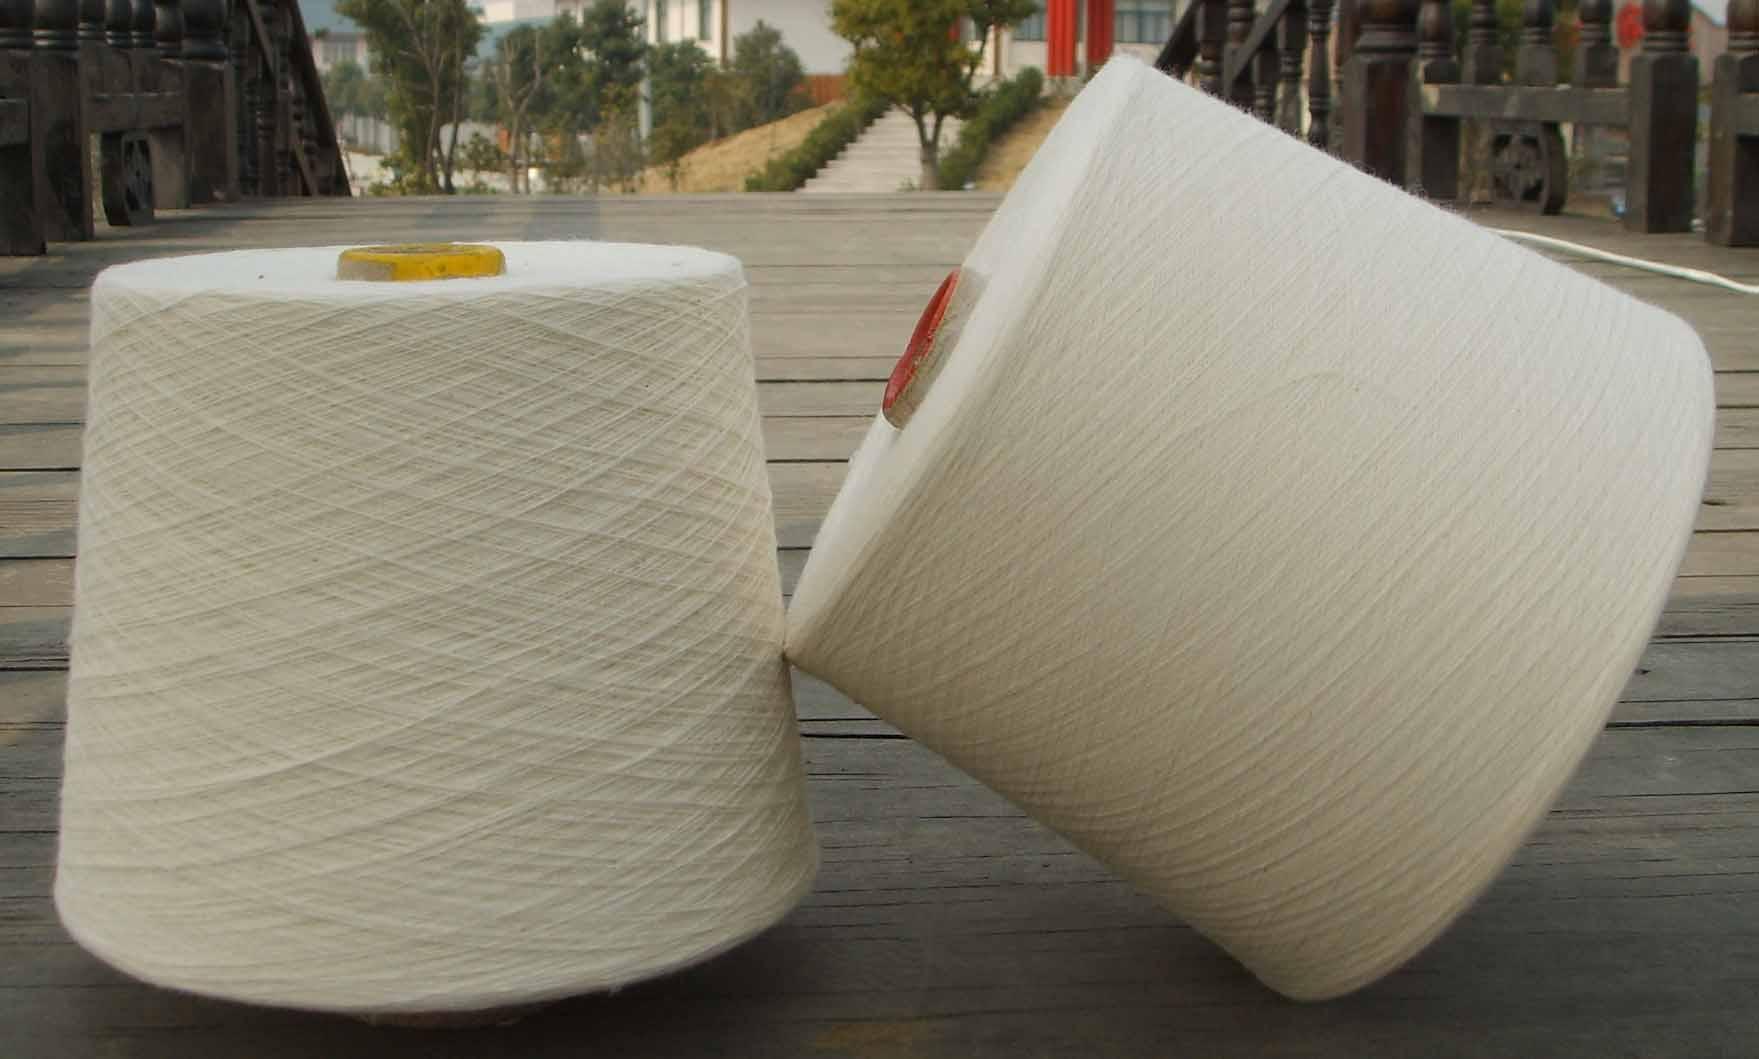 厂家生产仿大化涤纶纱21支 纯涤21支仿大化杰森纱线